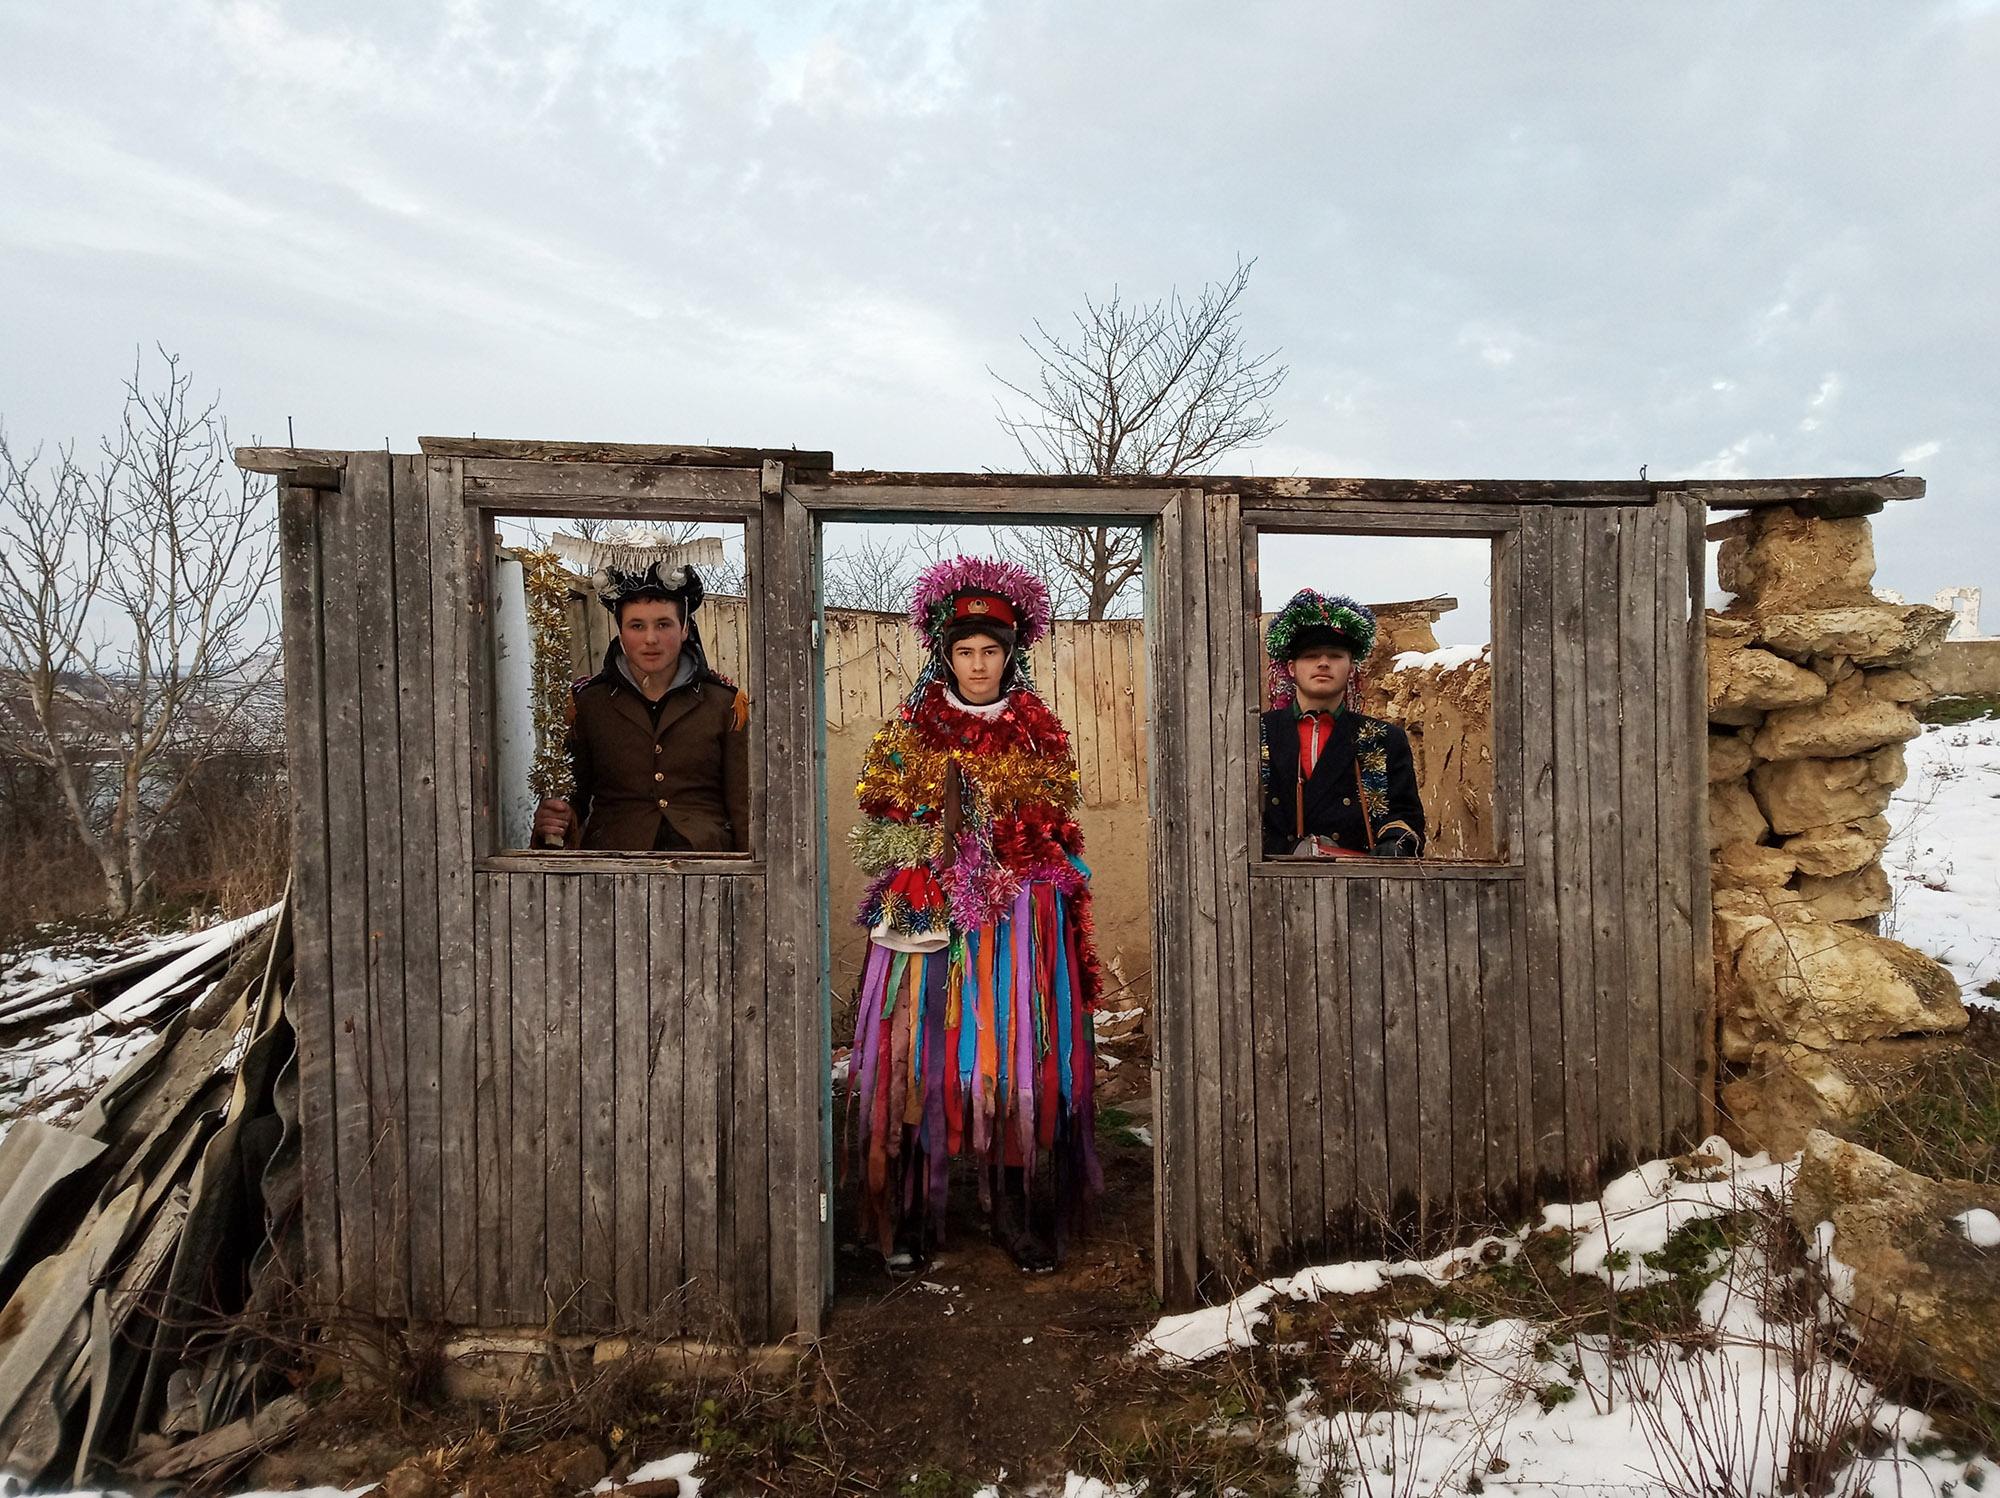 彩色照片,三位穿着戏服的人,入围人大赛